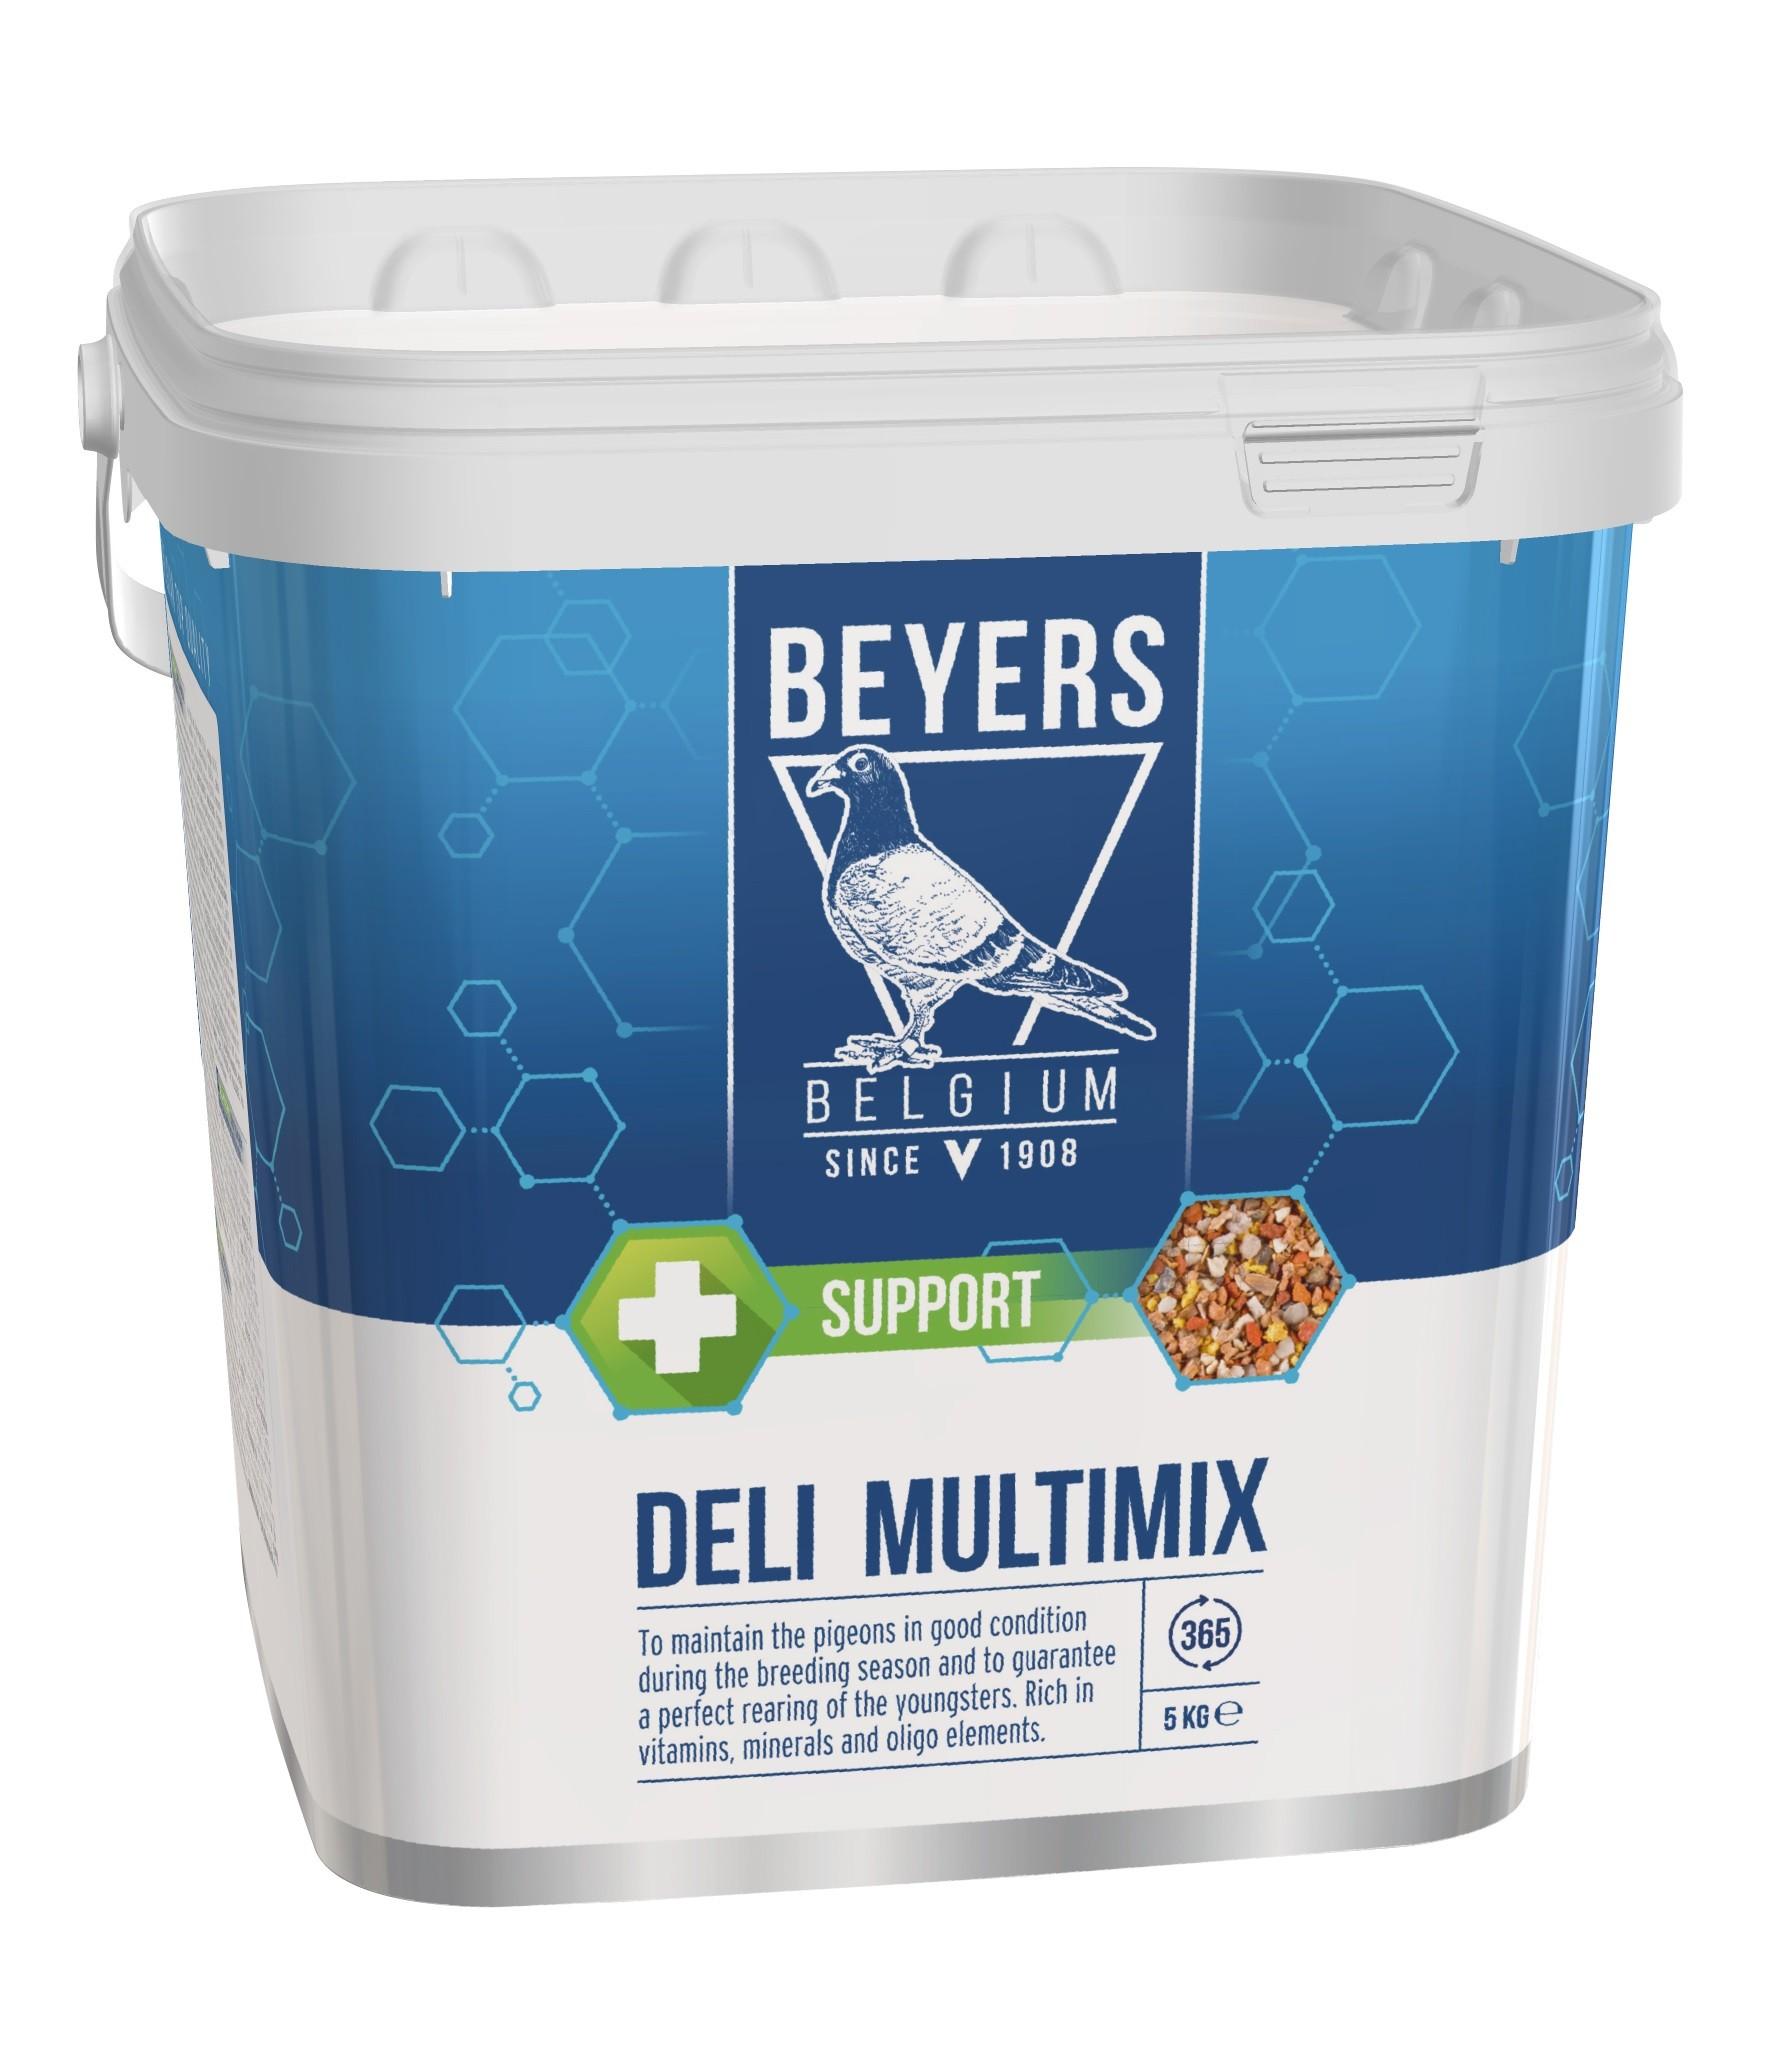 Beyers Plus Deli Multimix